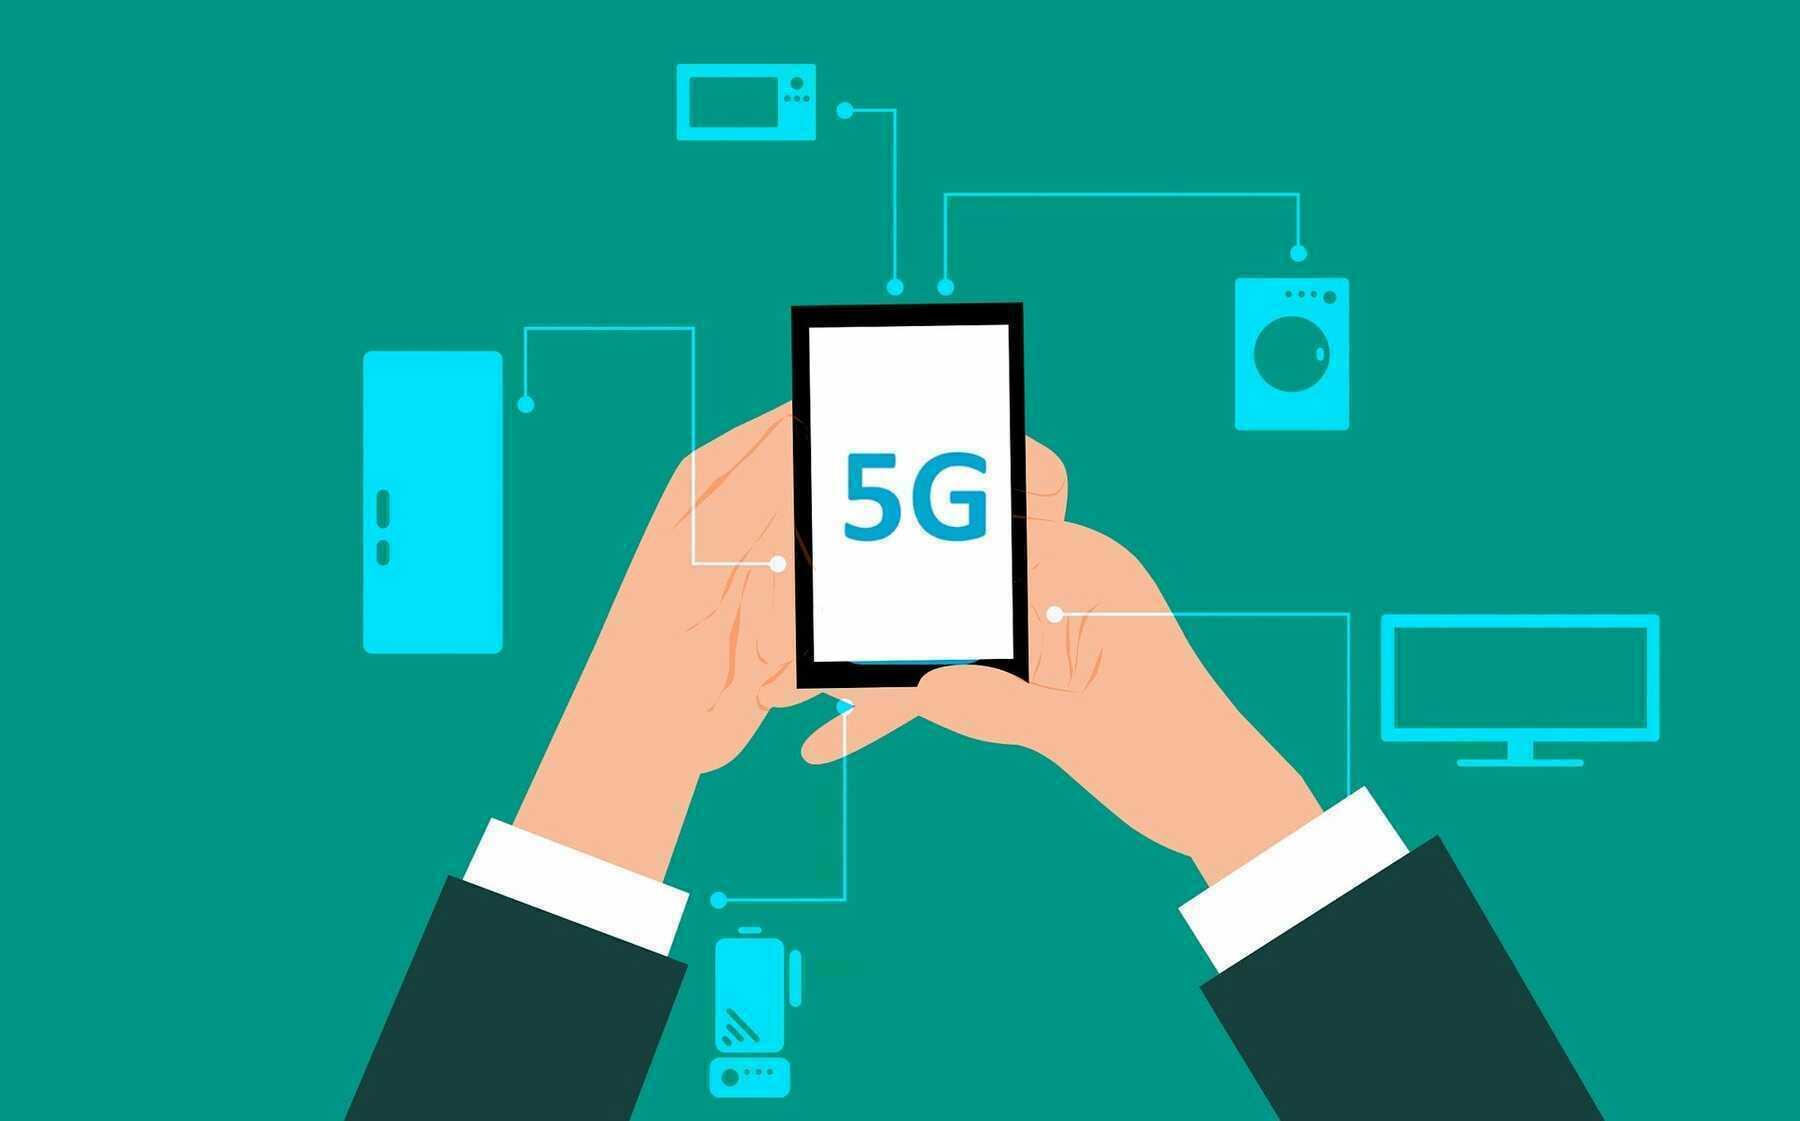 We hebben 5G nodig, ook al is het riskant